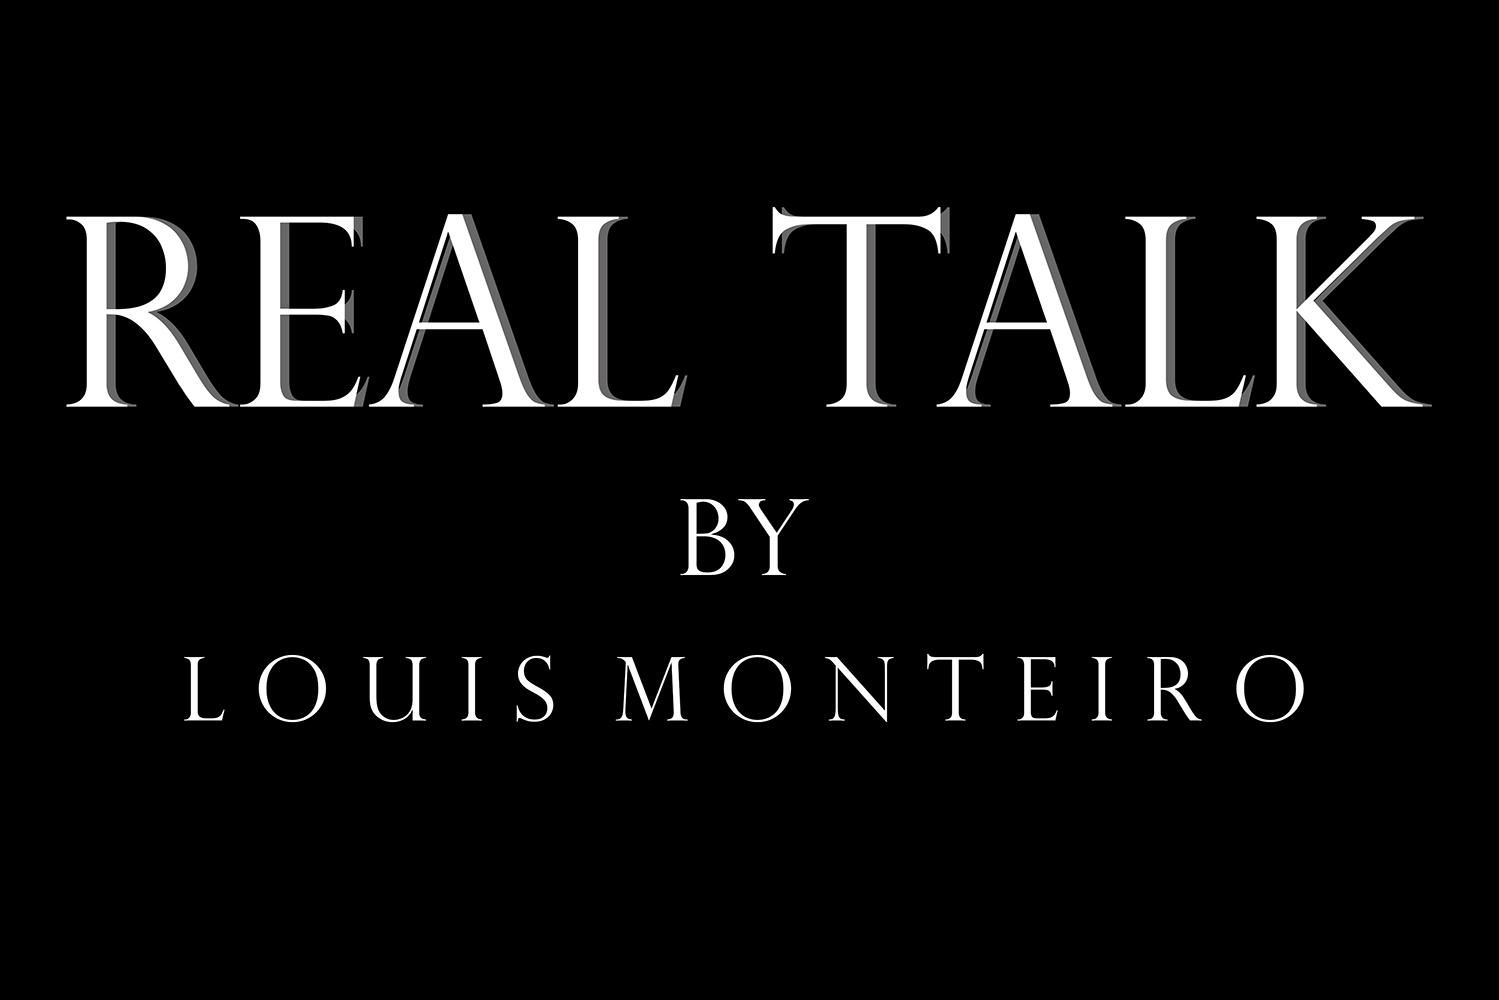 Realtalk.Louismonteiro